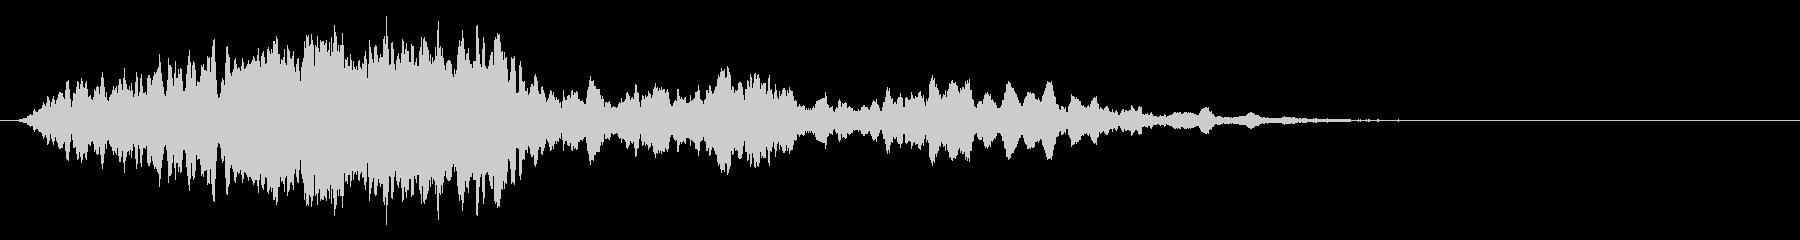 ソナー:トレーリングピン、SCI ...の未再生の波形